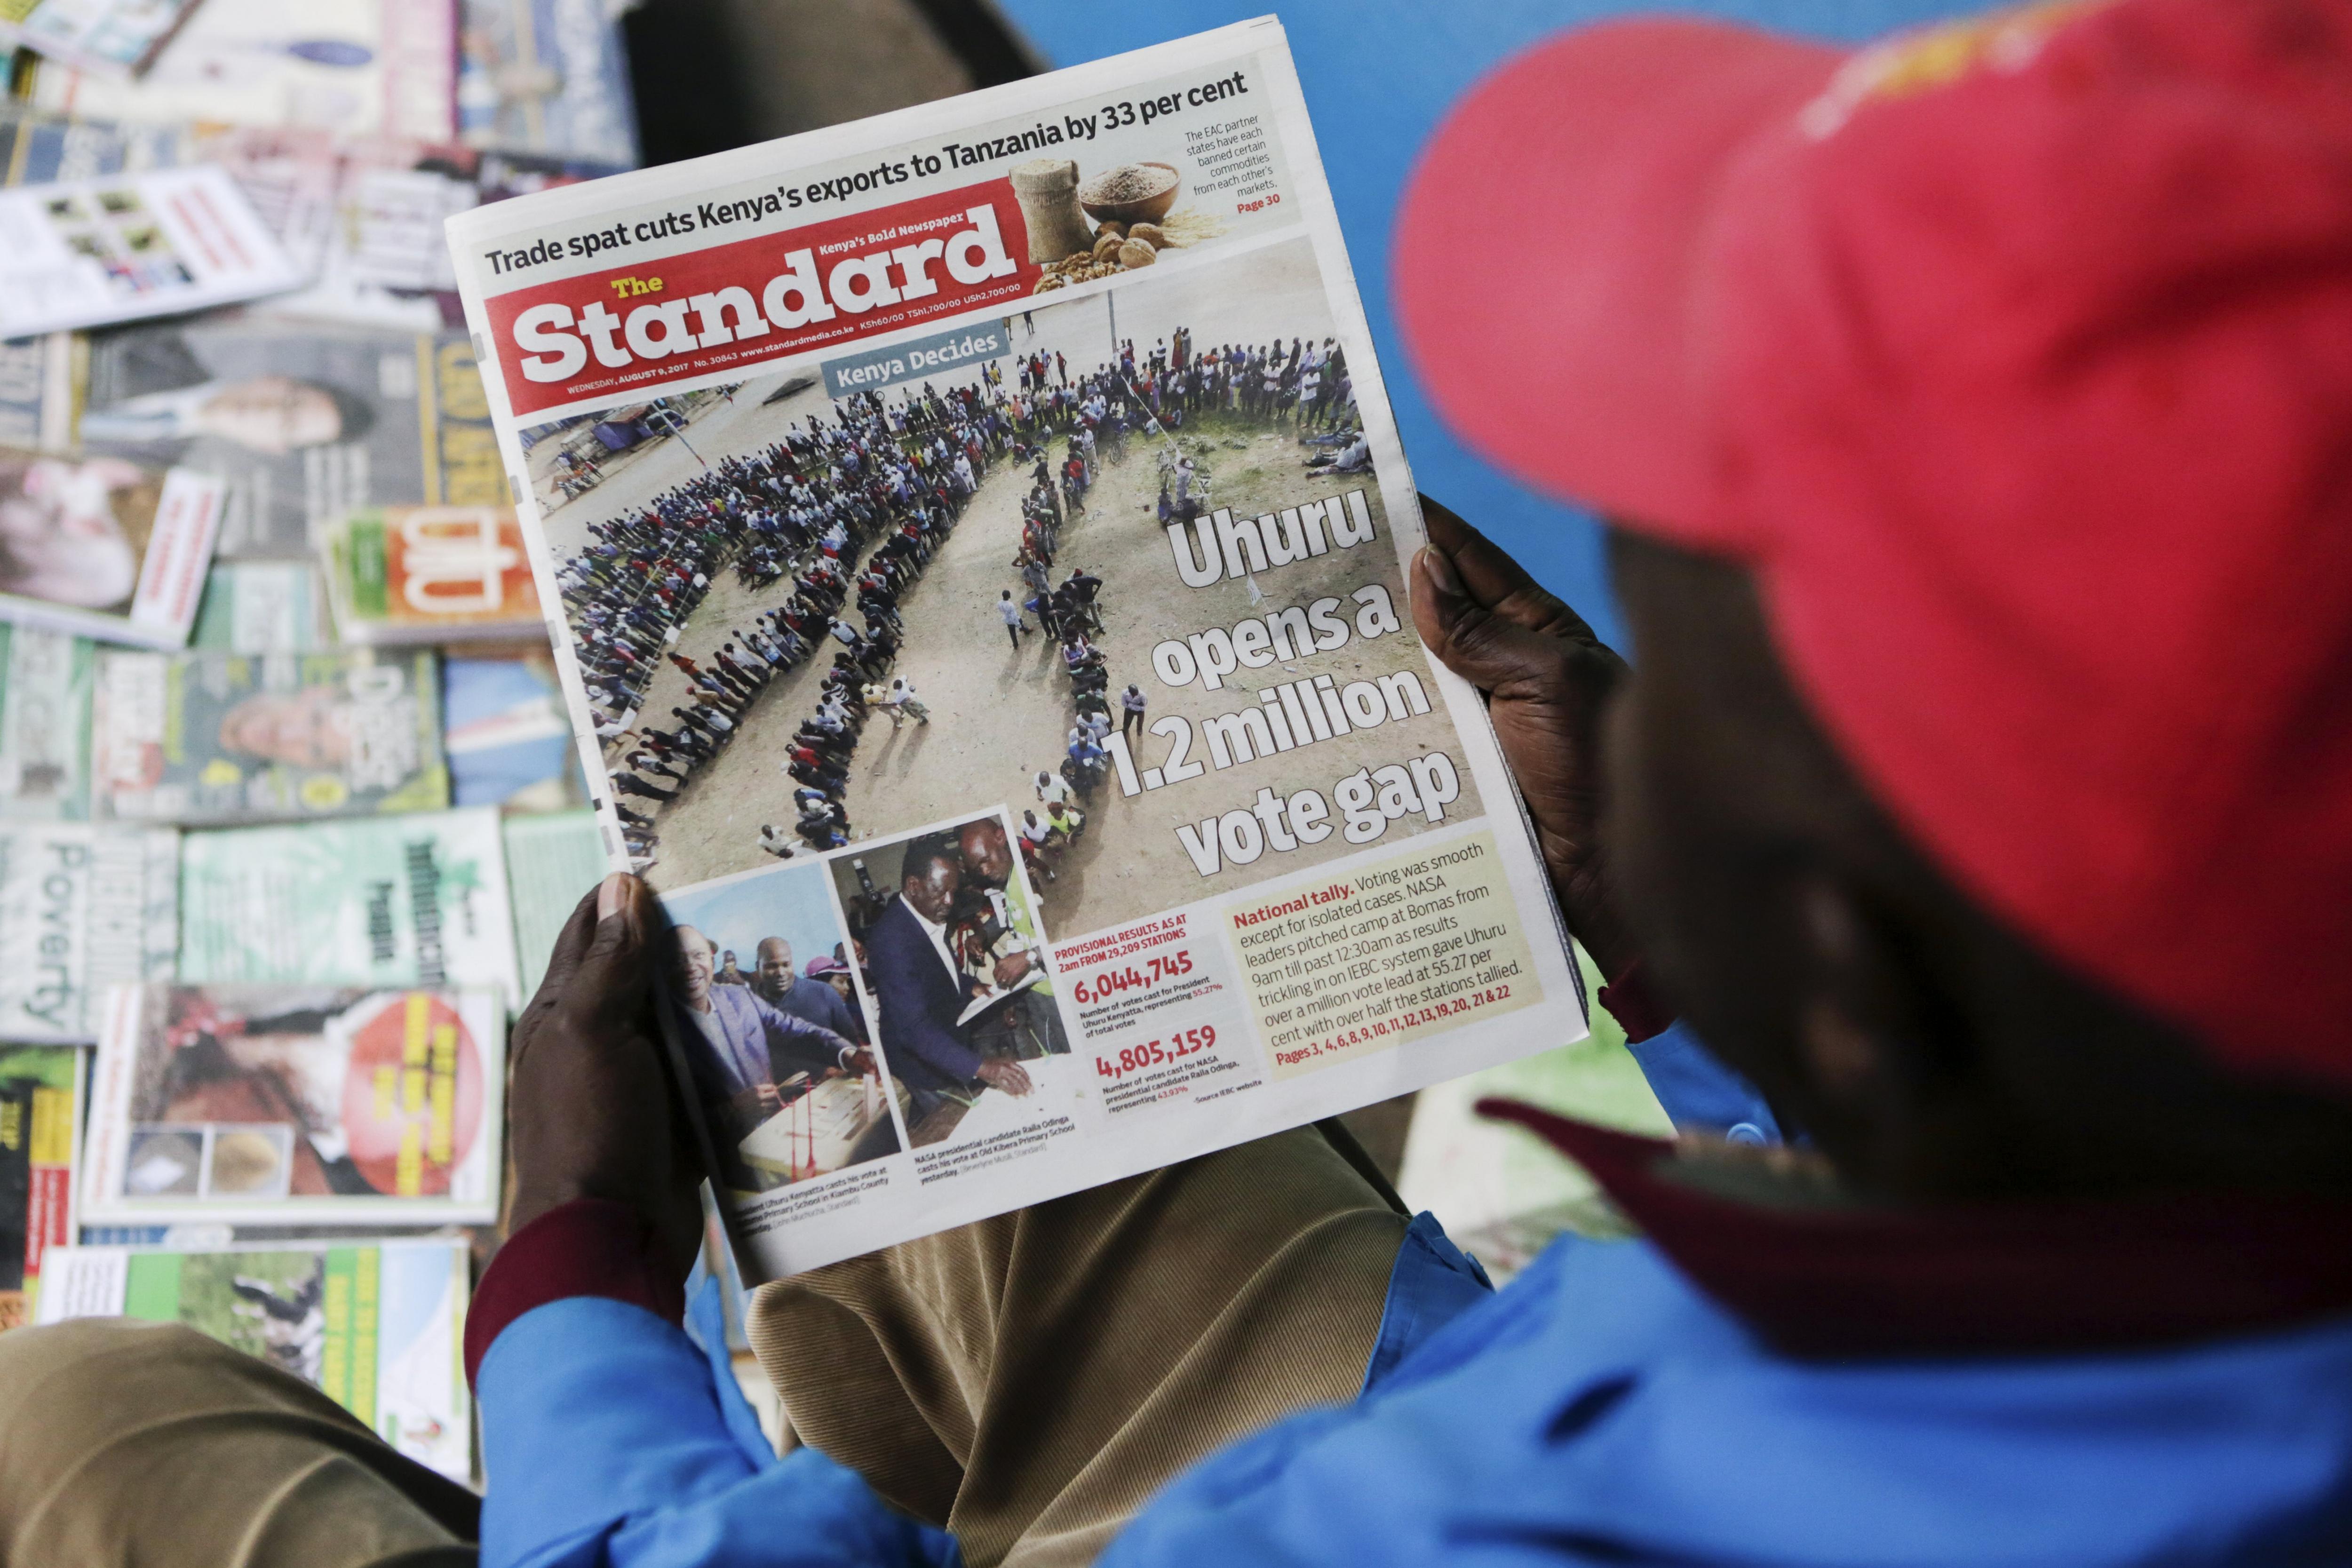 Un venedor de diaris llegeix la portada d'un diari local a Nairobi. El president de Kenya lidera els resultats provisionals amb un 54,69%. /DANIEL IRUNGU